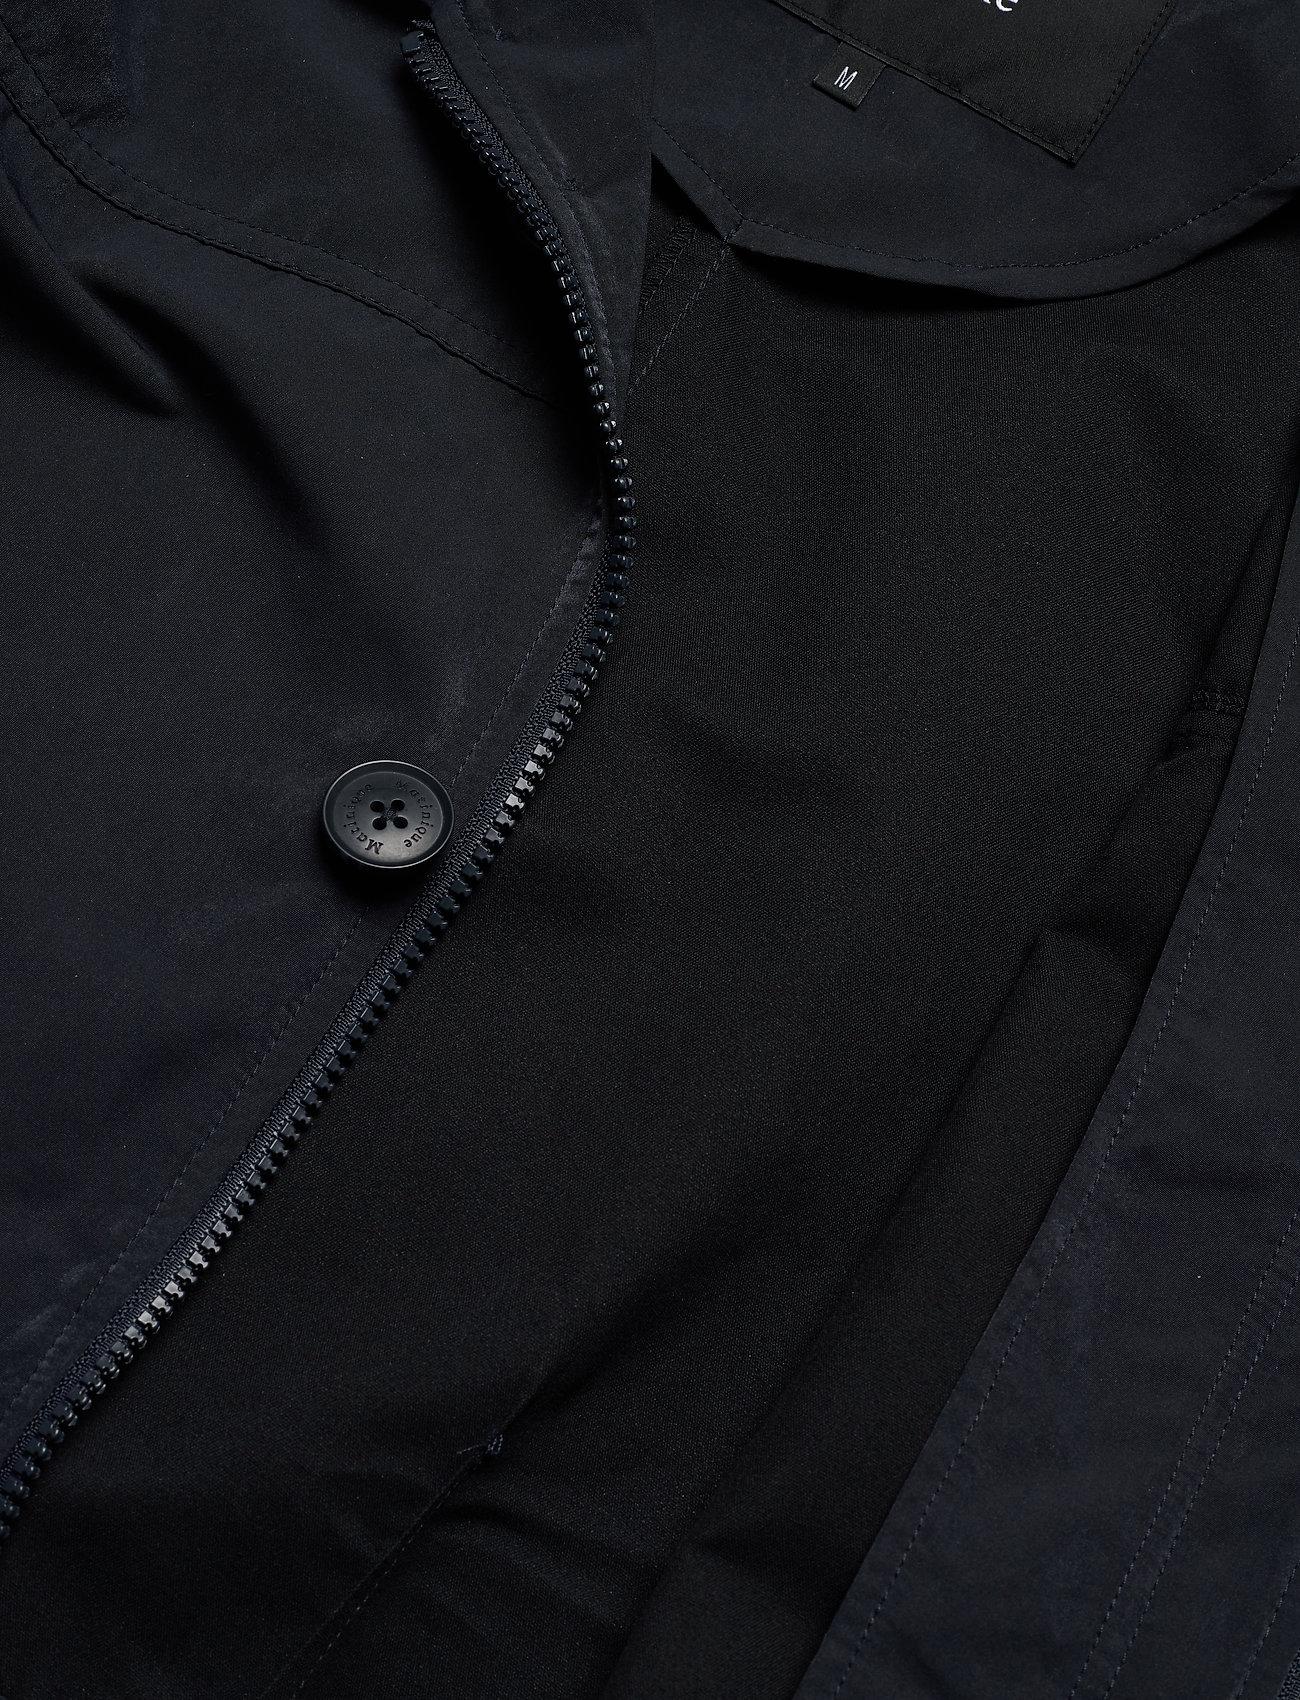 Matinique MAgrayer N- Vestes et manteaux 0zpHSBfM r9oAd 8Z2XKmsM